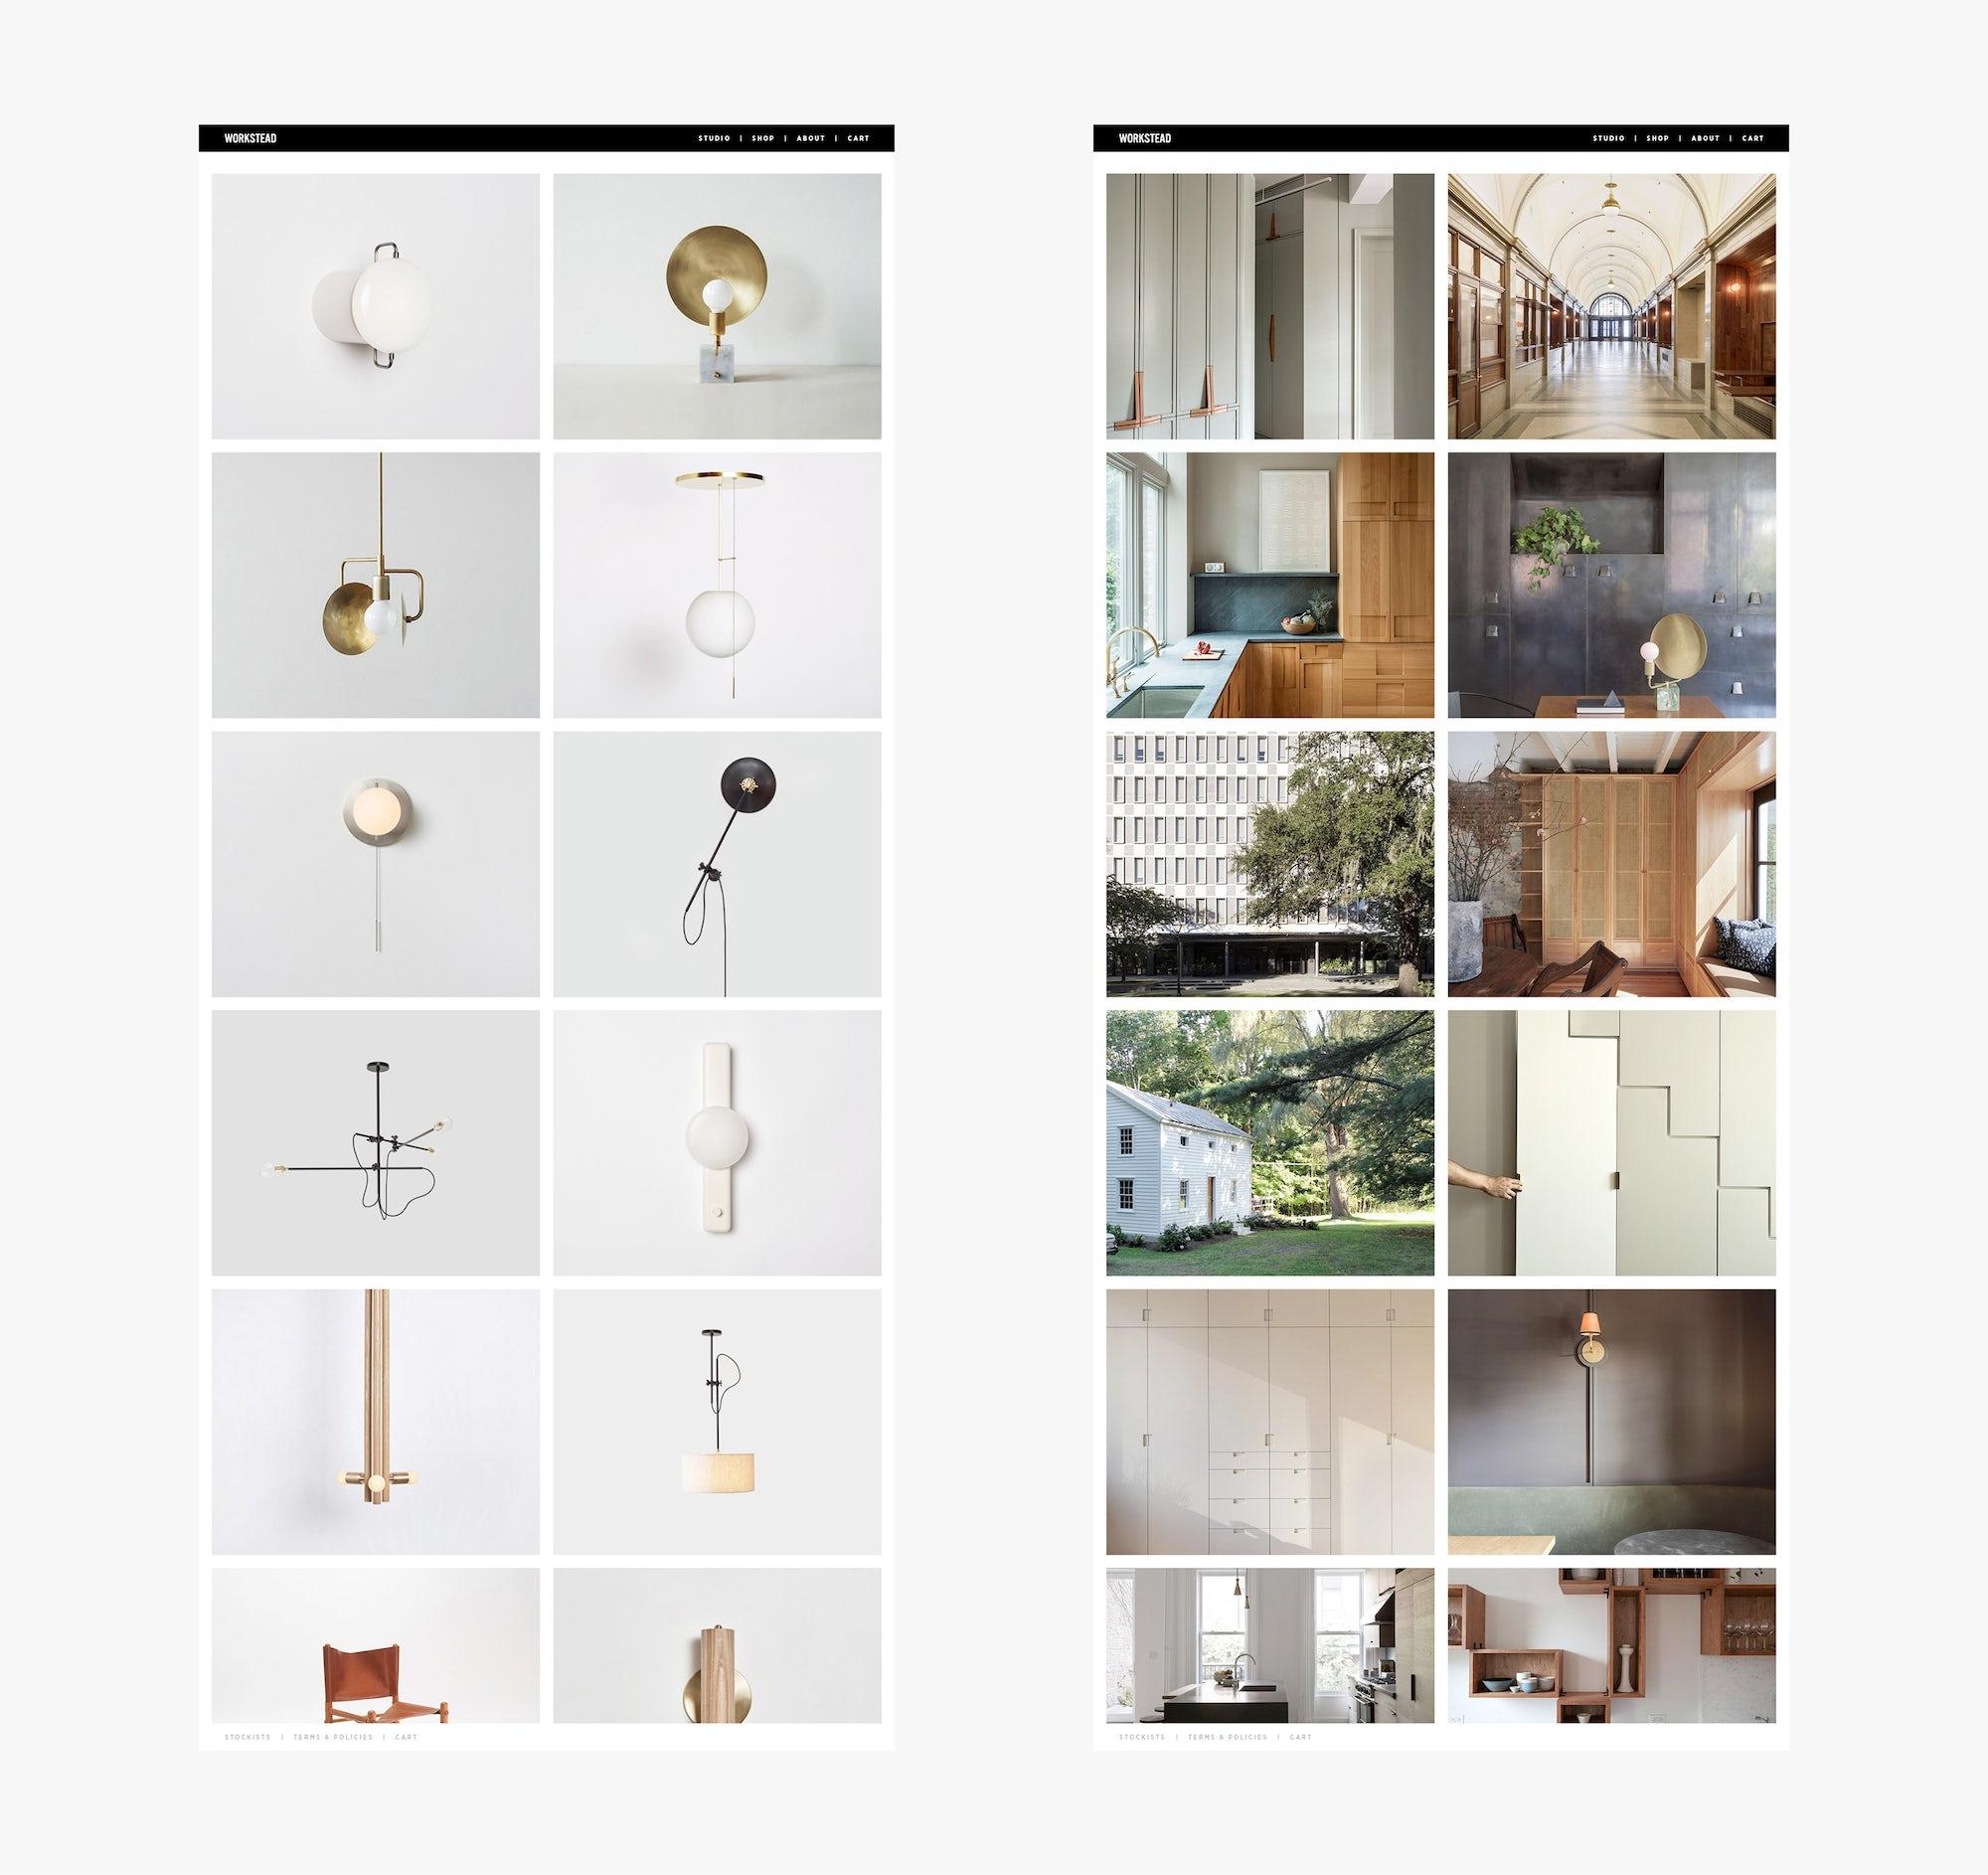 Ecommerce Web Design for Lighting Design Studio